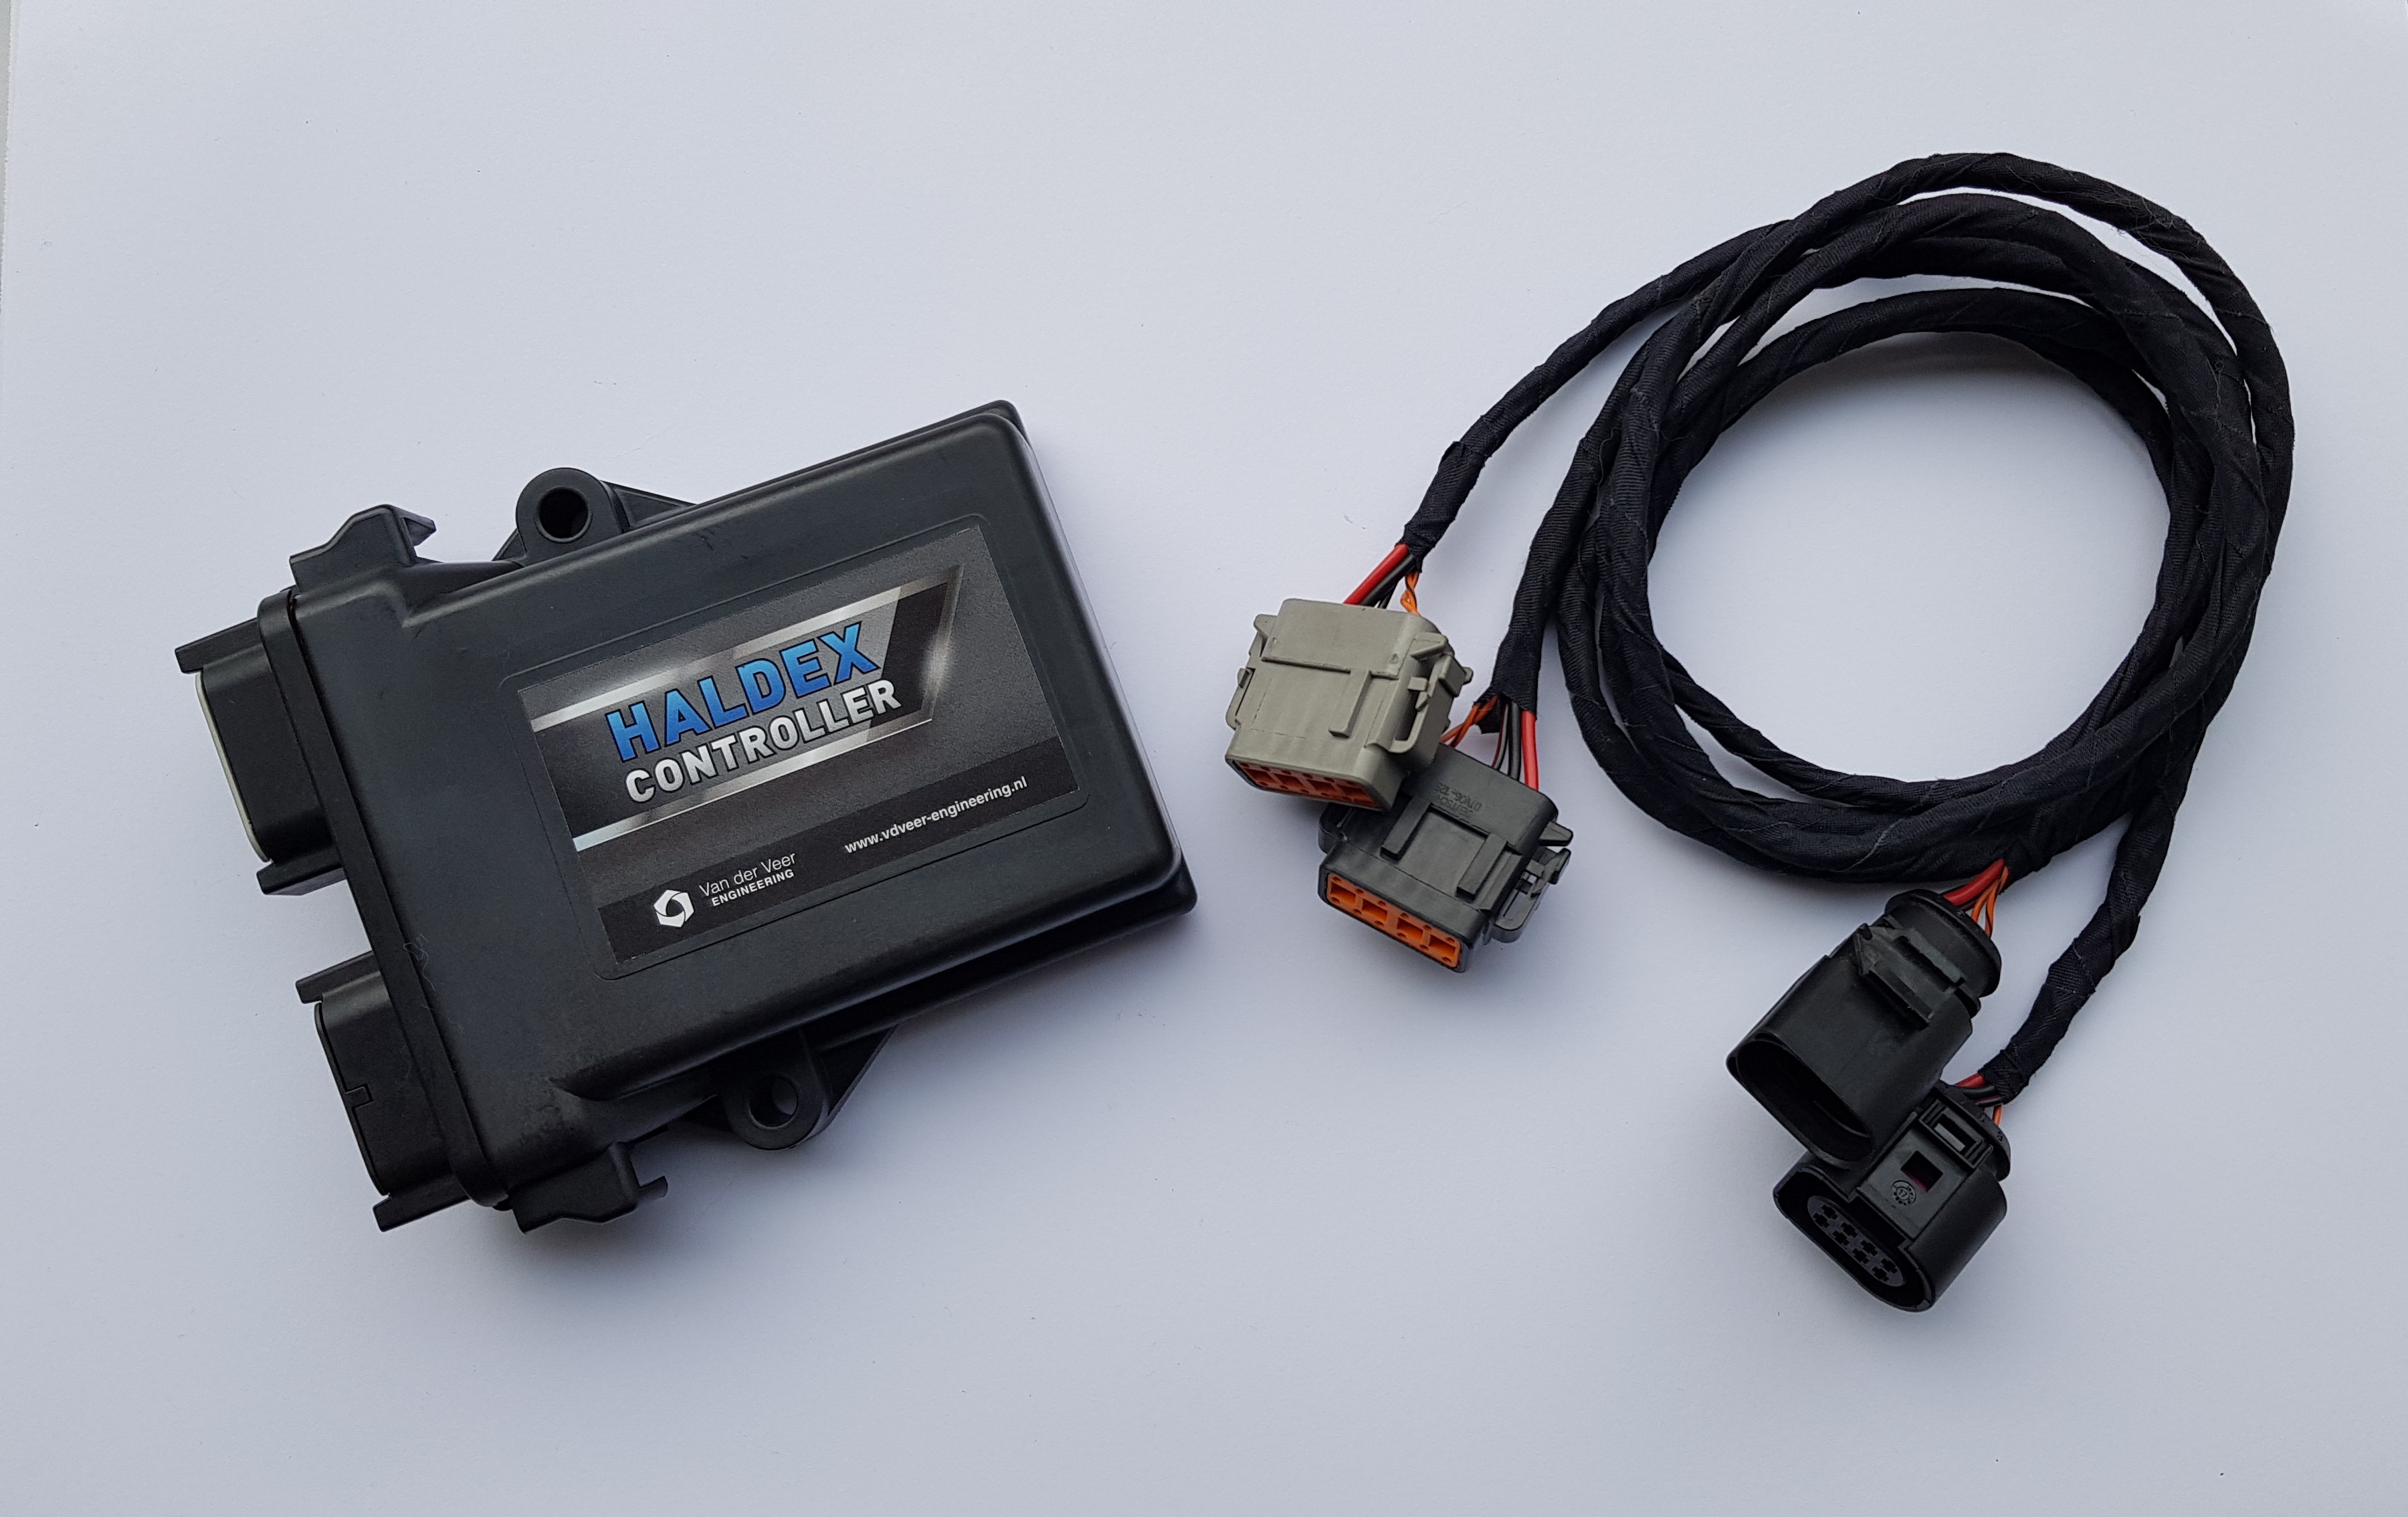 Haldex Controller Gen2 Plug and Play